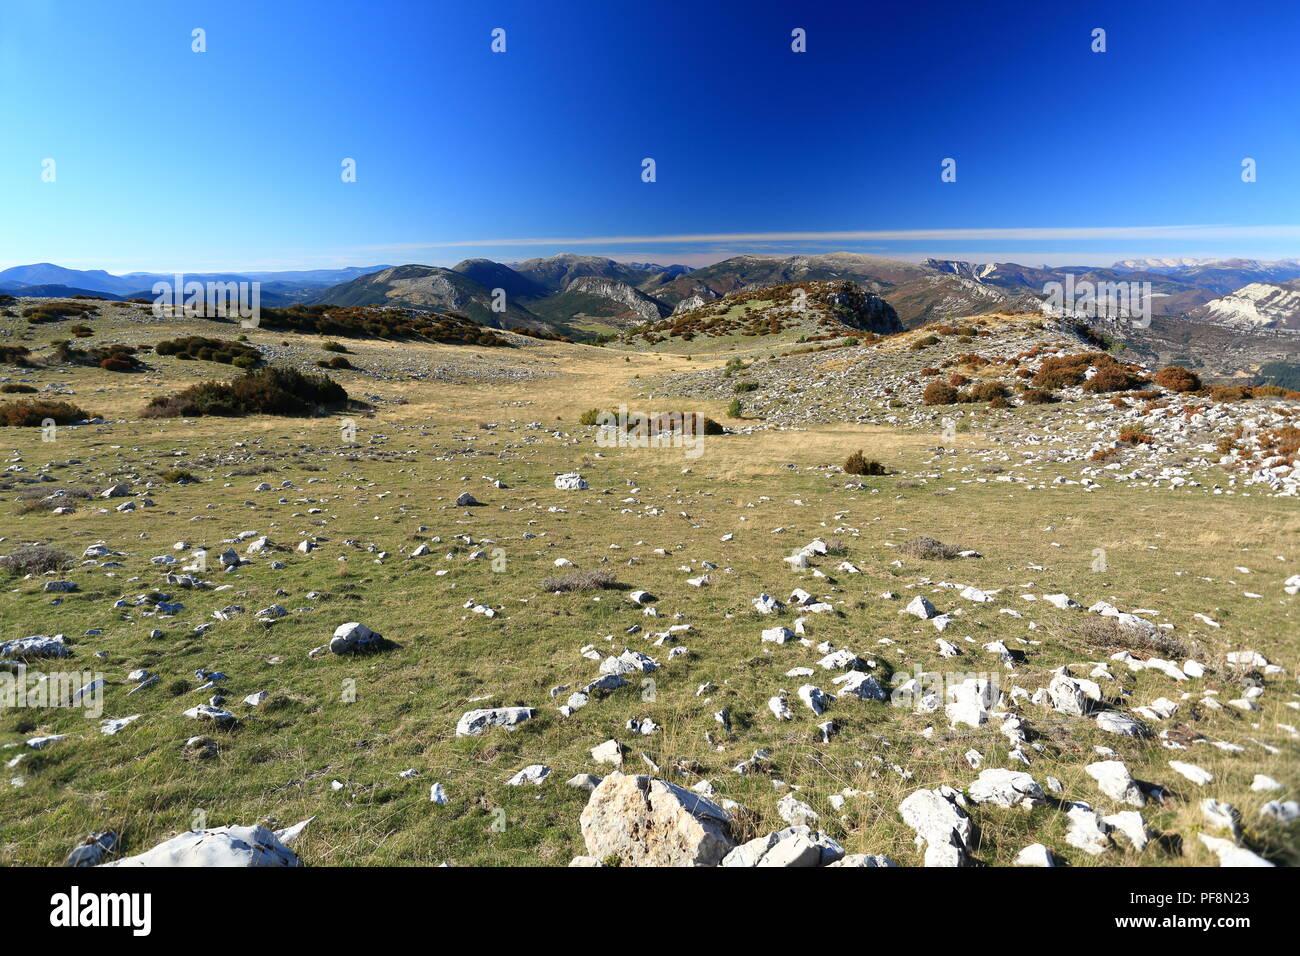 Vallee de l'Esteron, Vue depuis le Mont Arpille, Arriere pays Grassois, Prealpes d'azur, Alpes Maritimes, 06, PACA, France - Stock Image